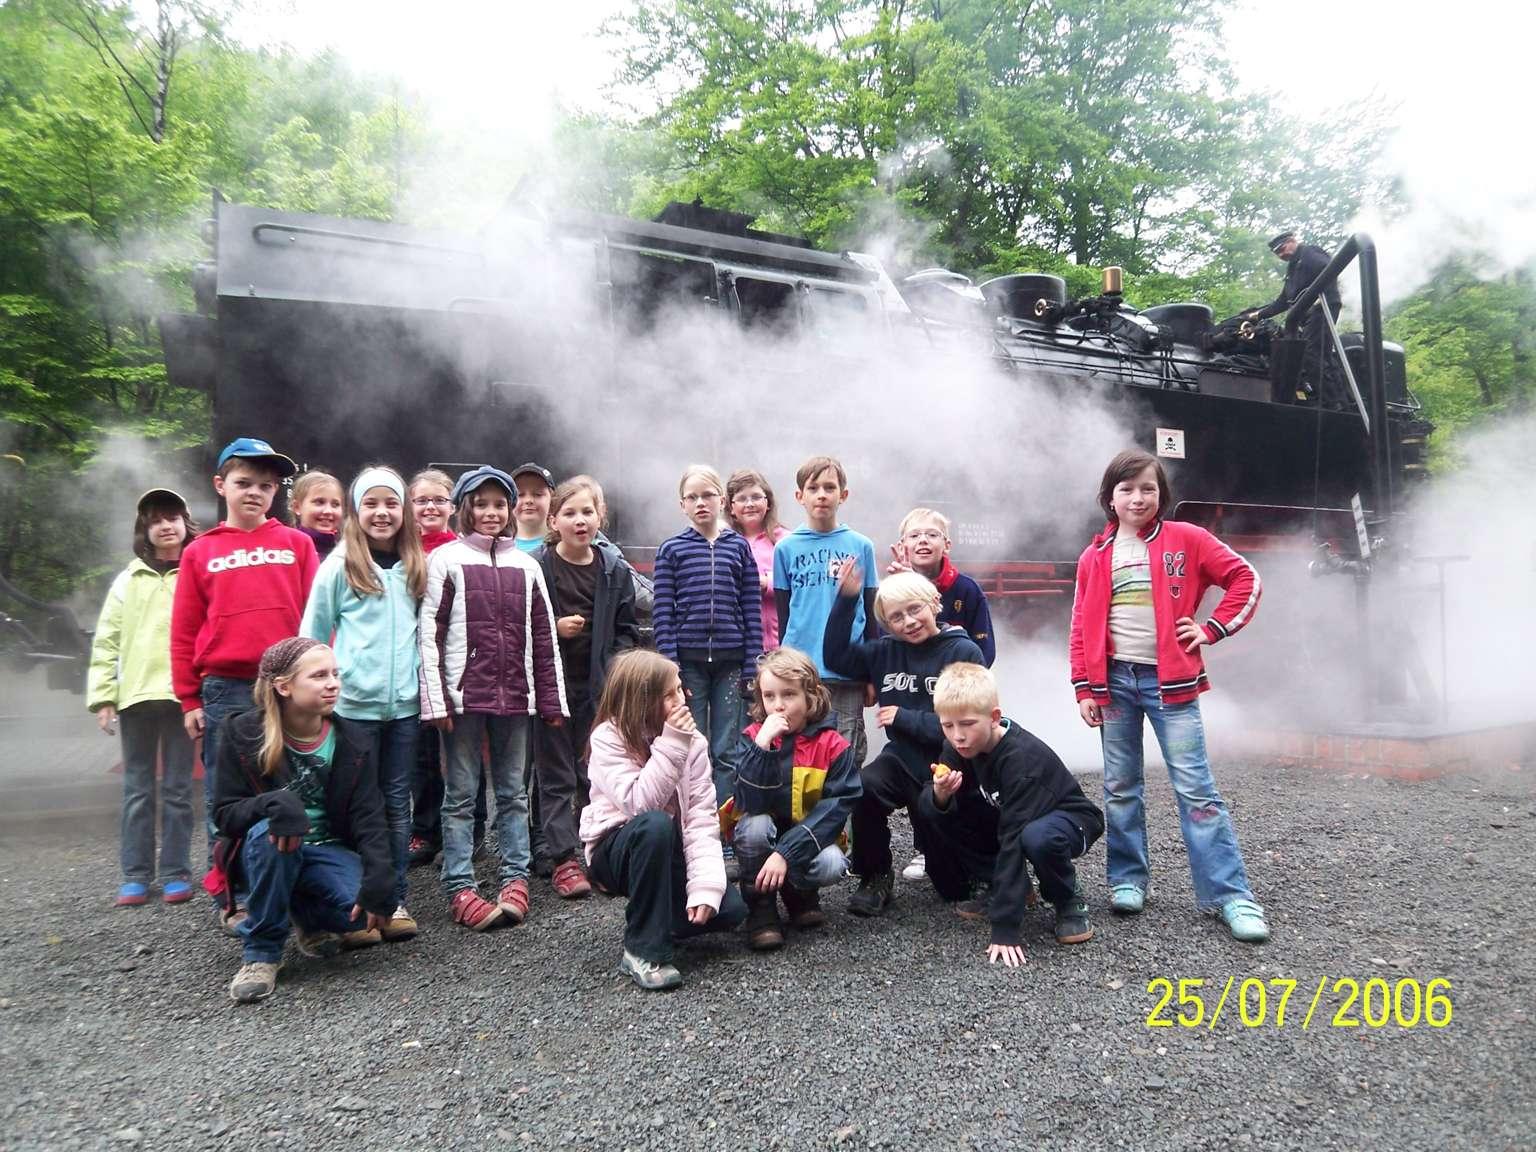 Unsere Dampflok